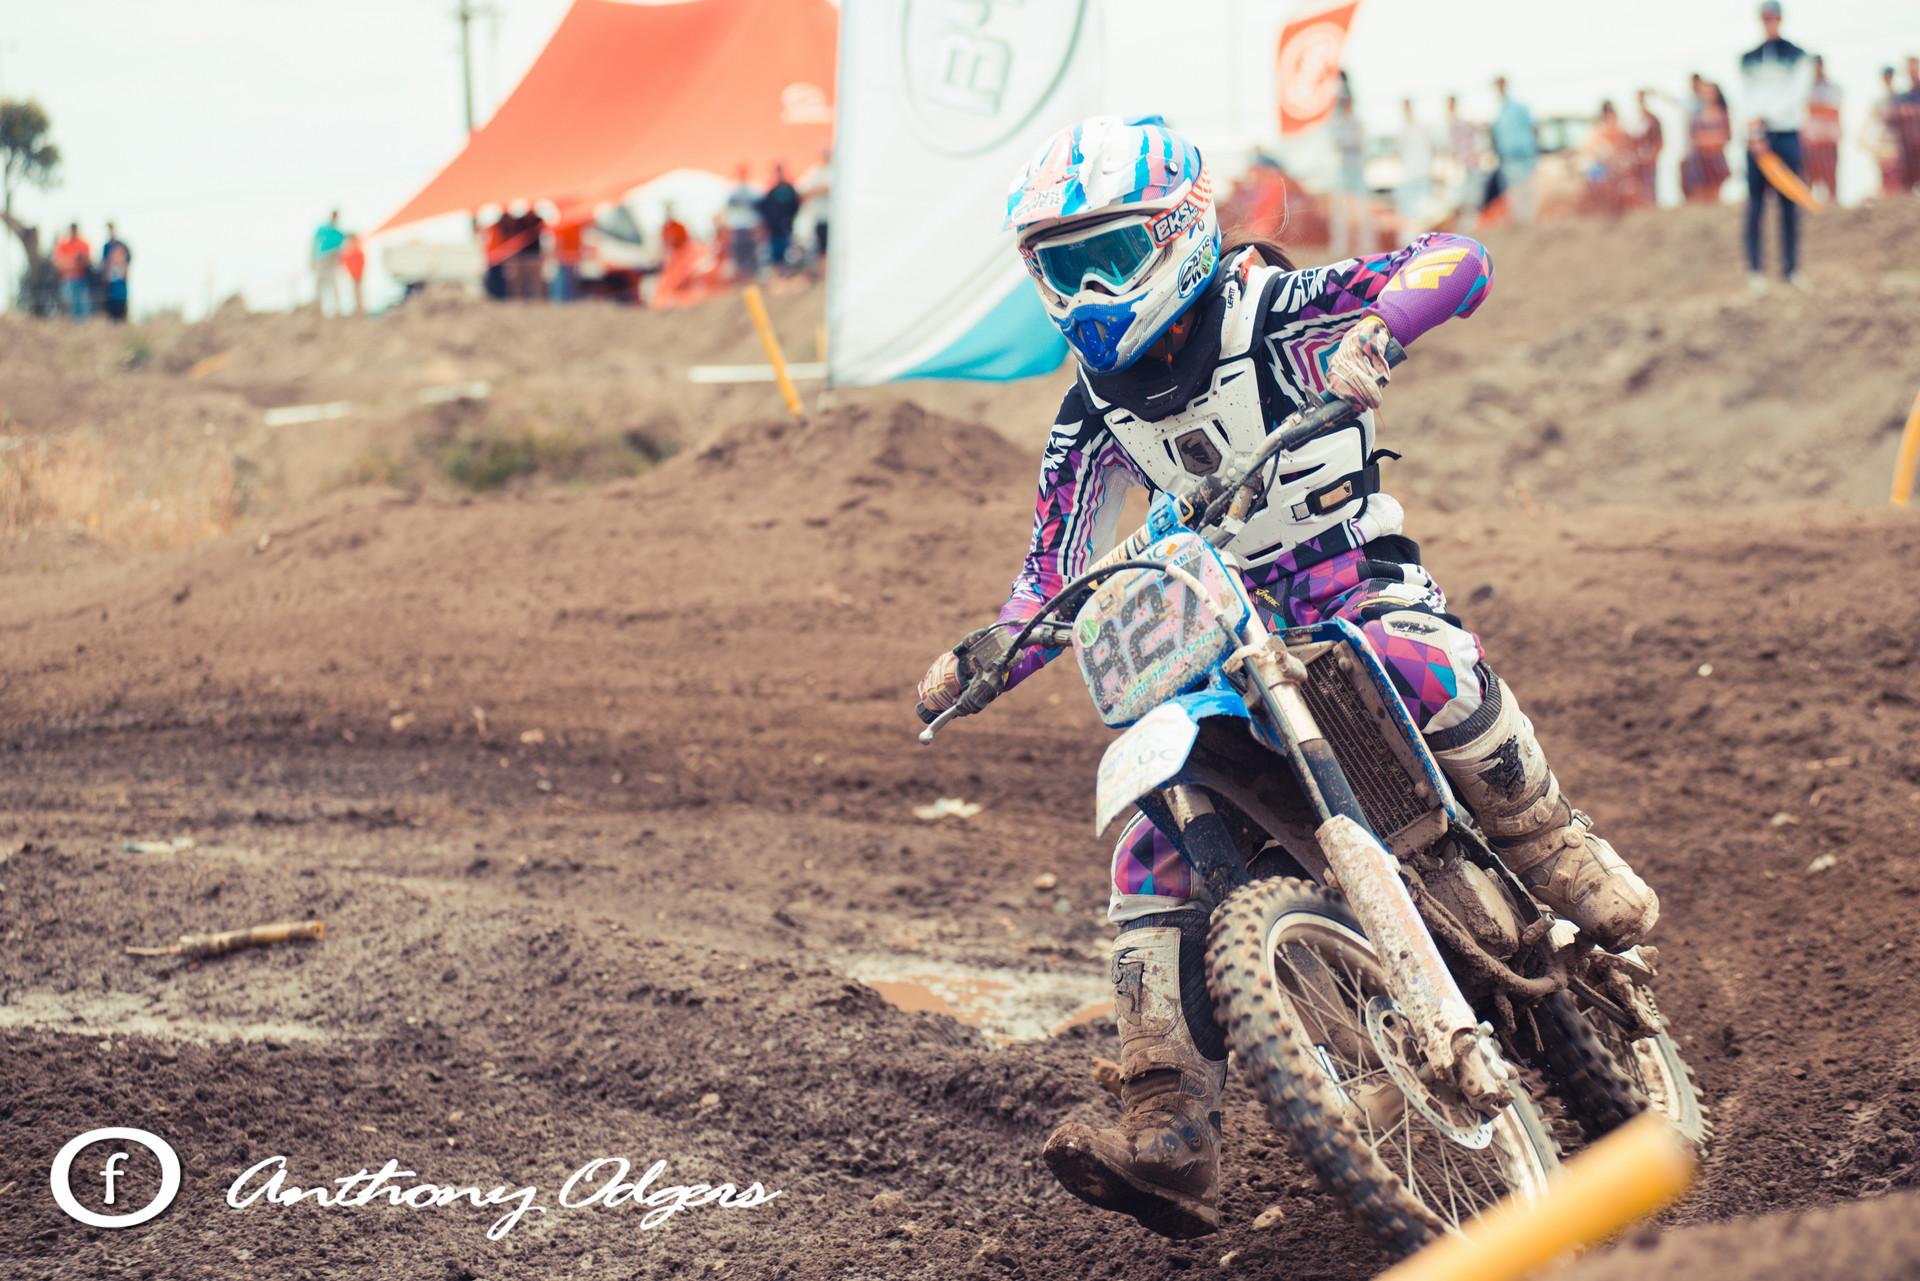 2013-01-06-Motocross Enduro-10.jpg